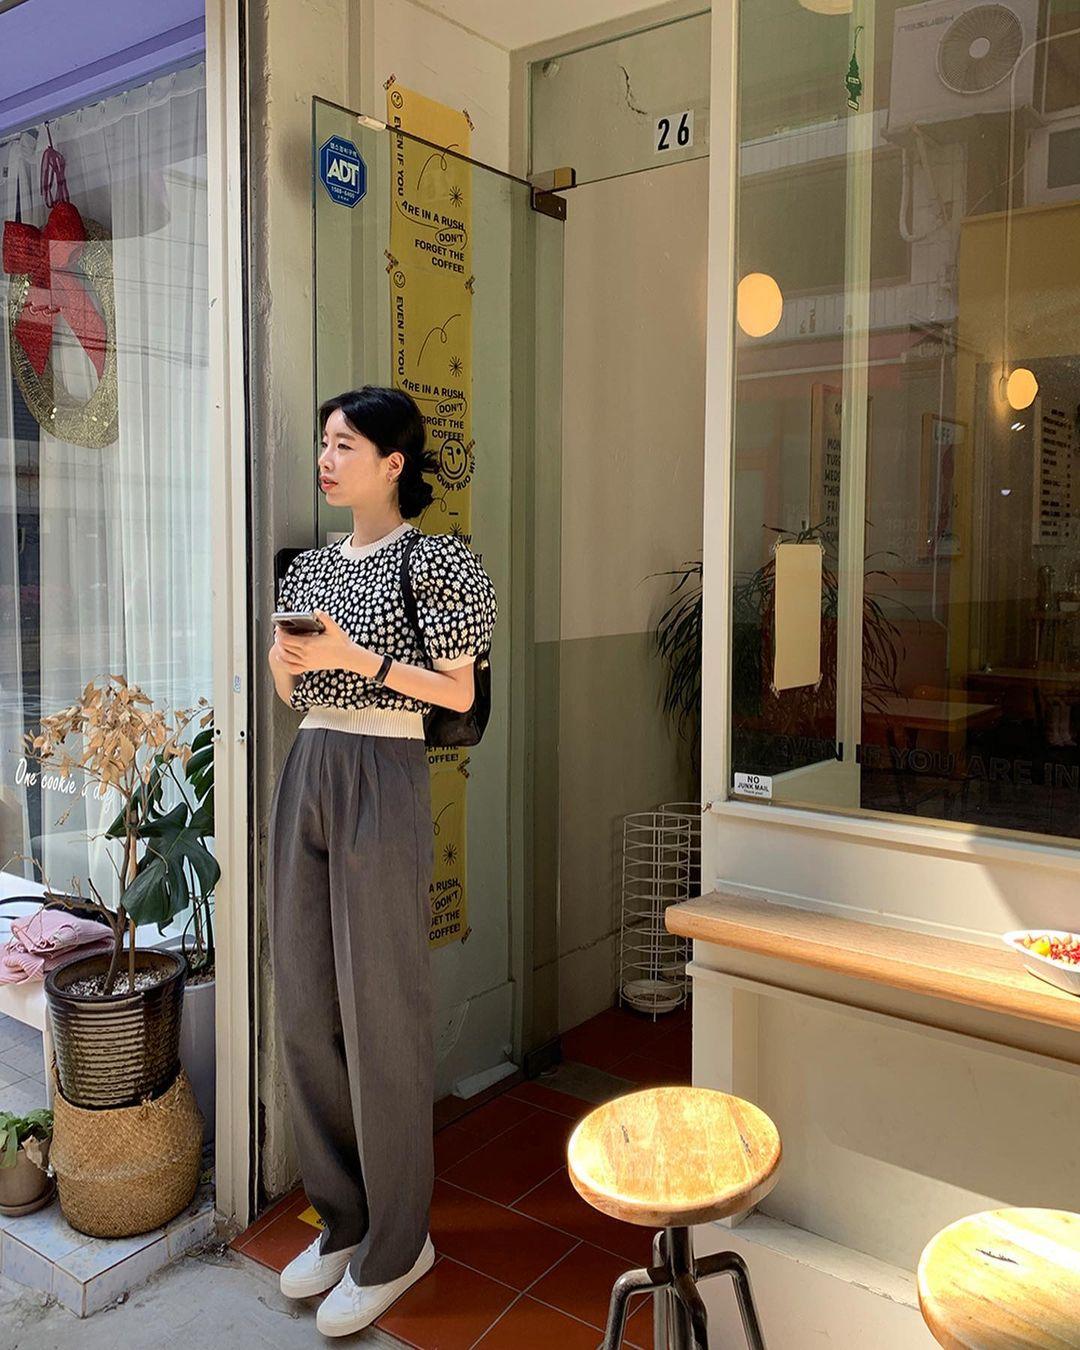 10 cách diện áo hoa cực xinh yêu từ gái Hàn, áp dụng theo thì style chỉ có chuẩn sang xịn - Ảnh 10.